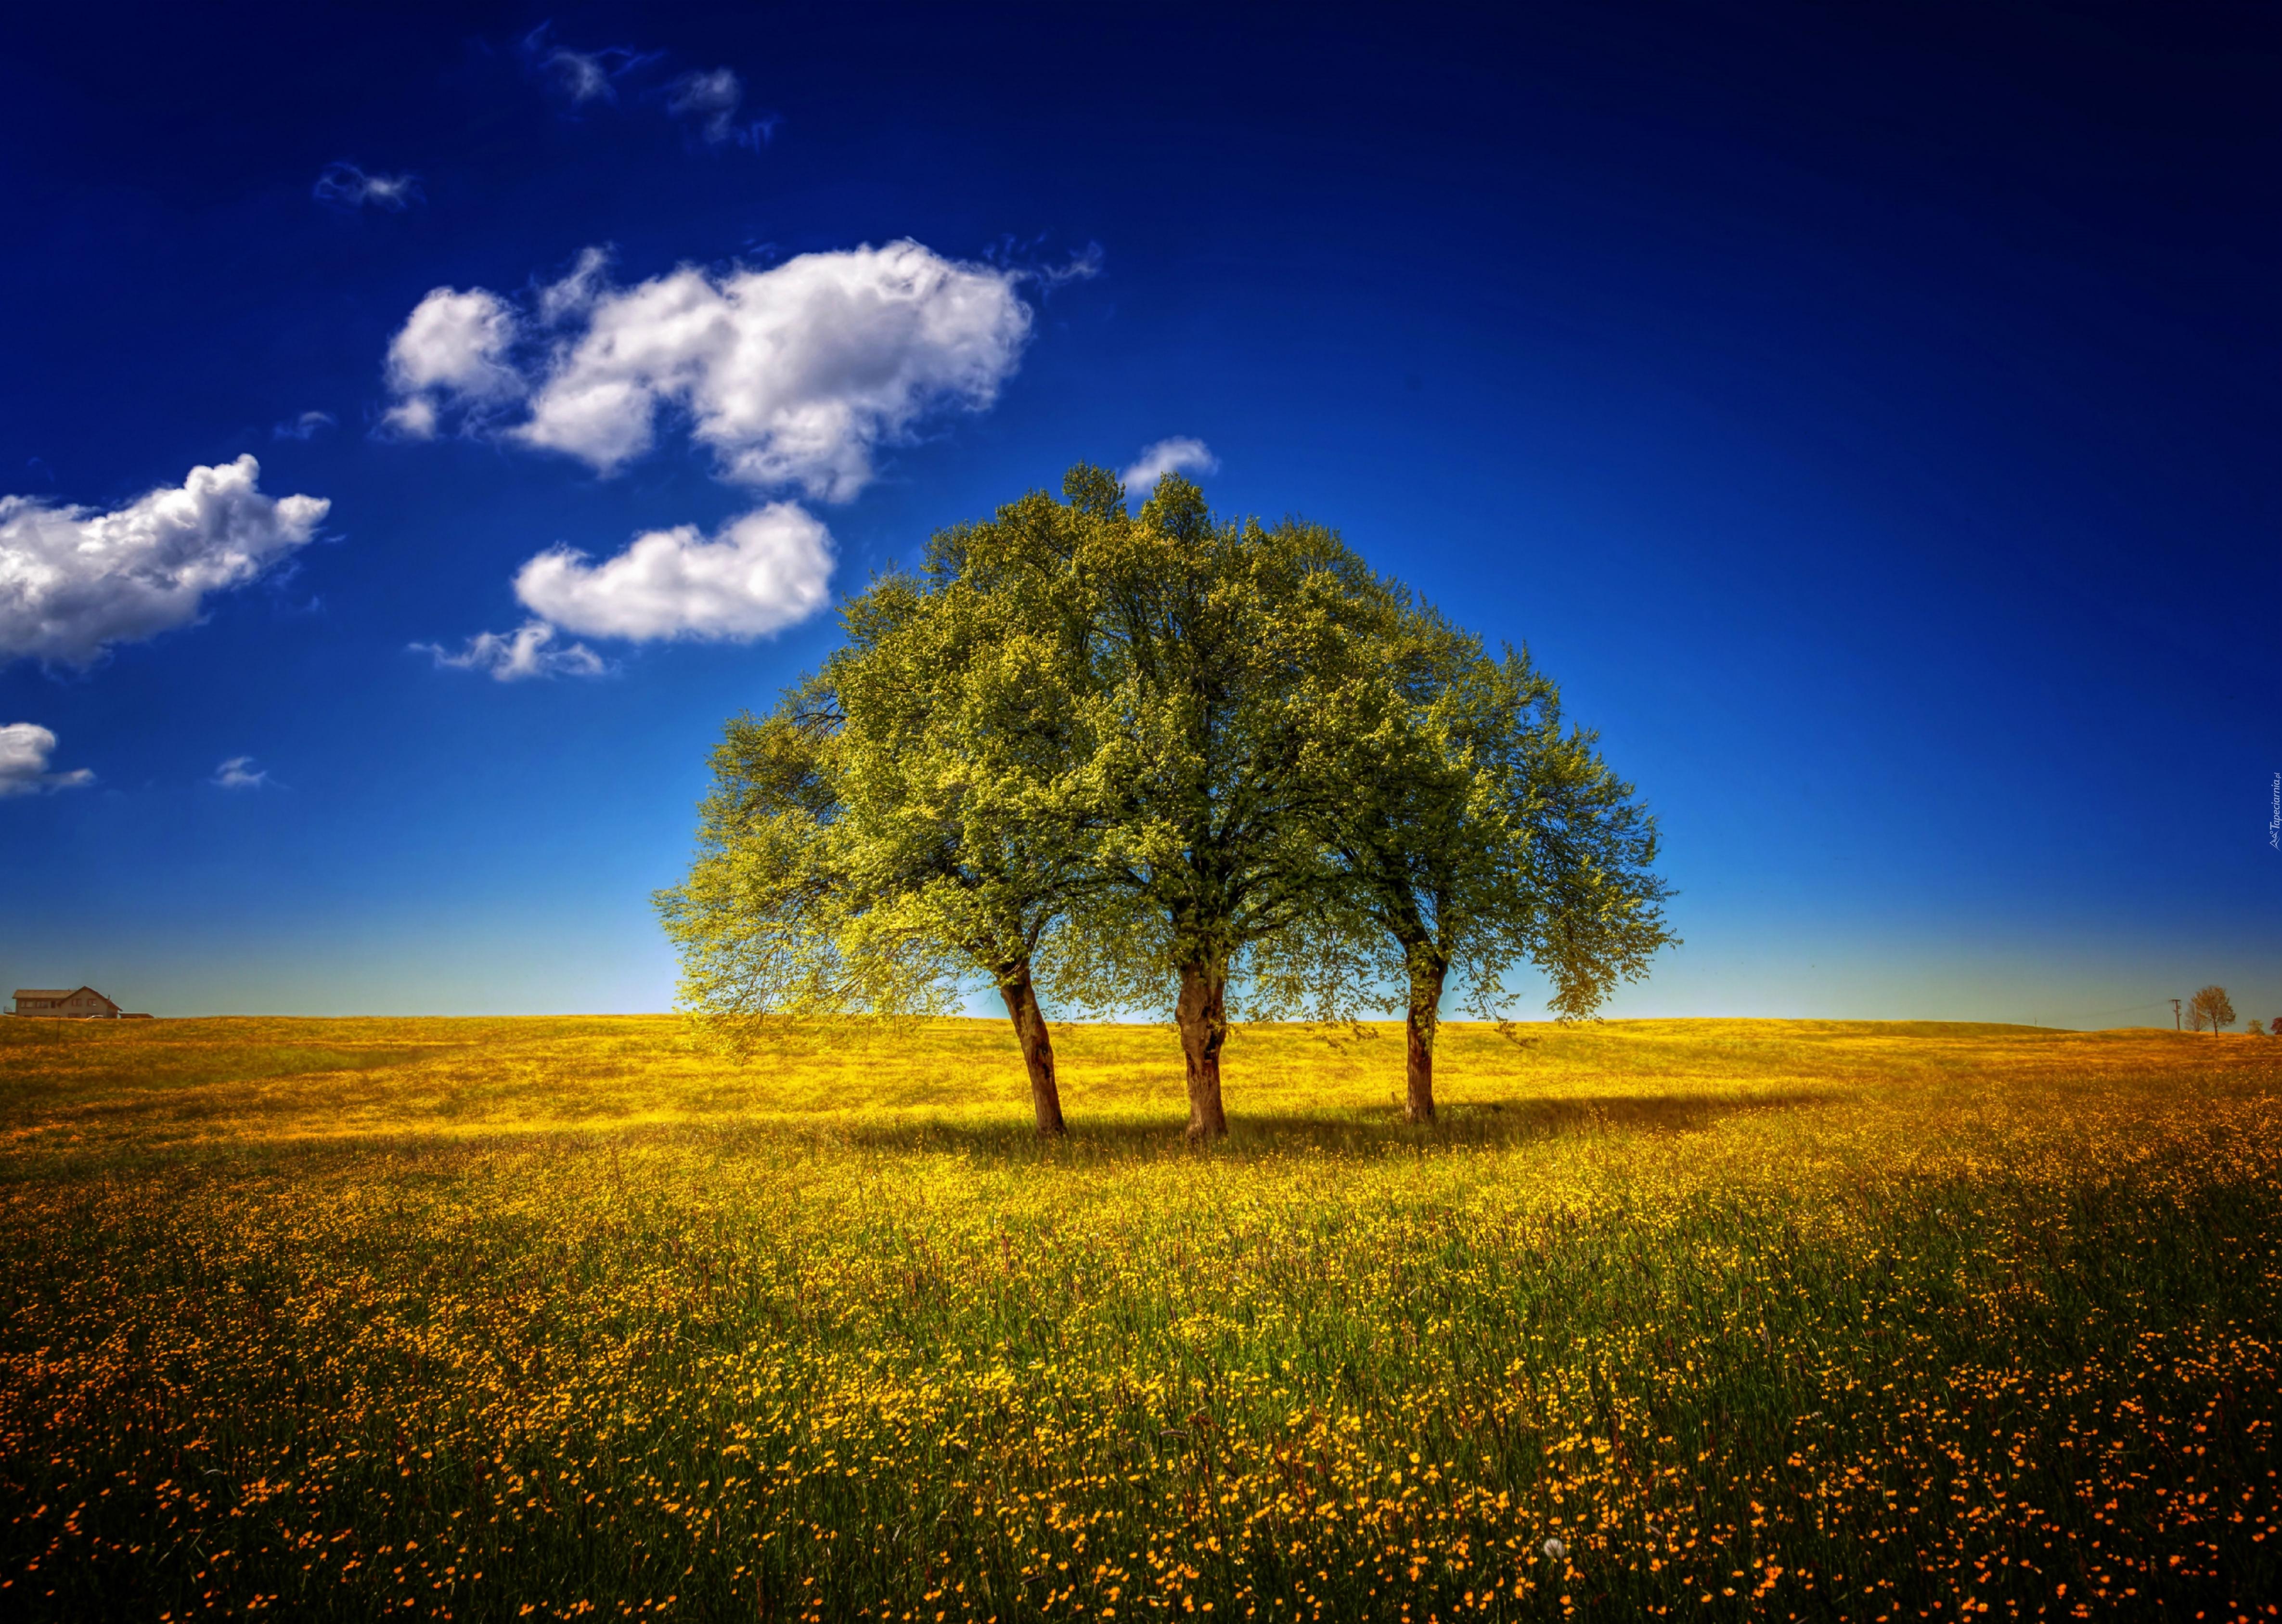 природа небо облака деревья поле nature the sky clouds trees field  № 243704  скачать